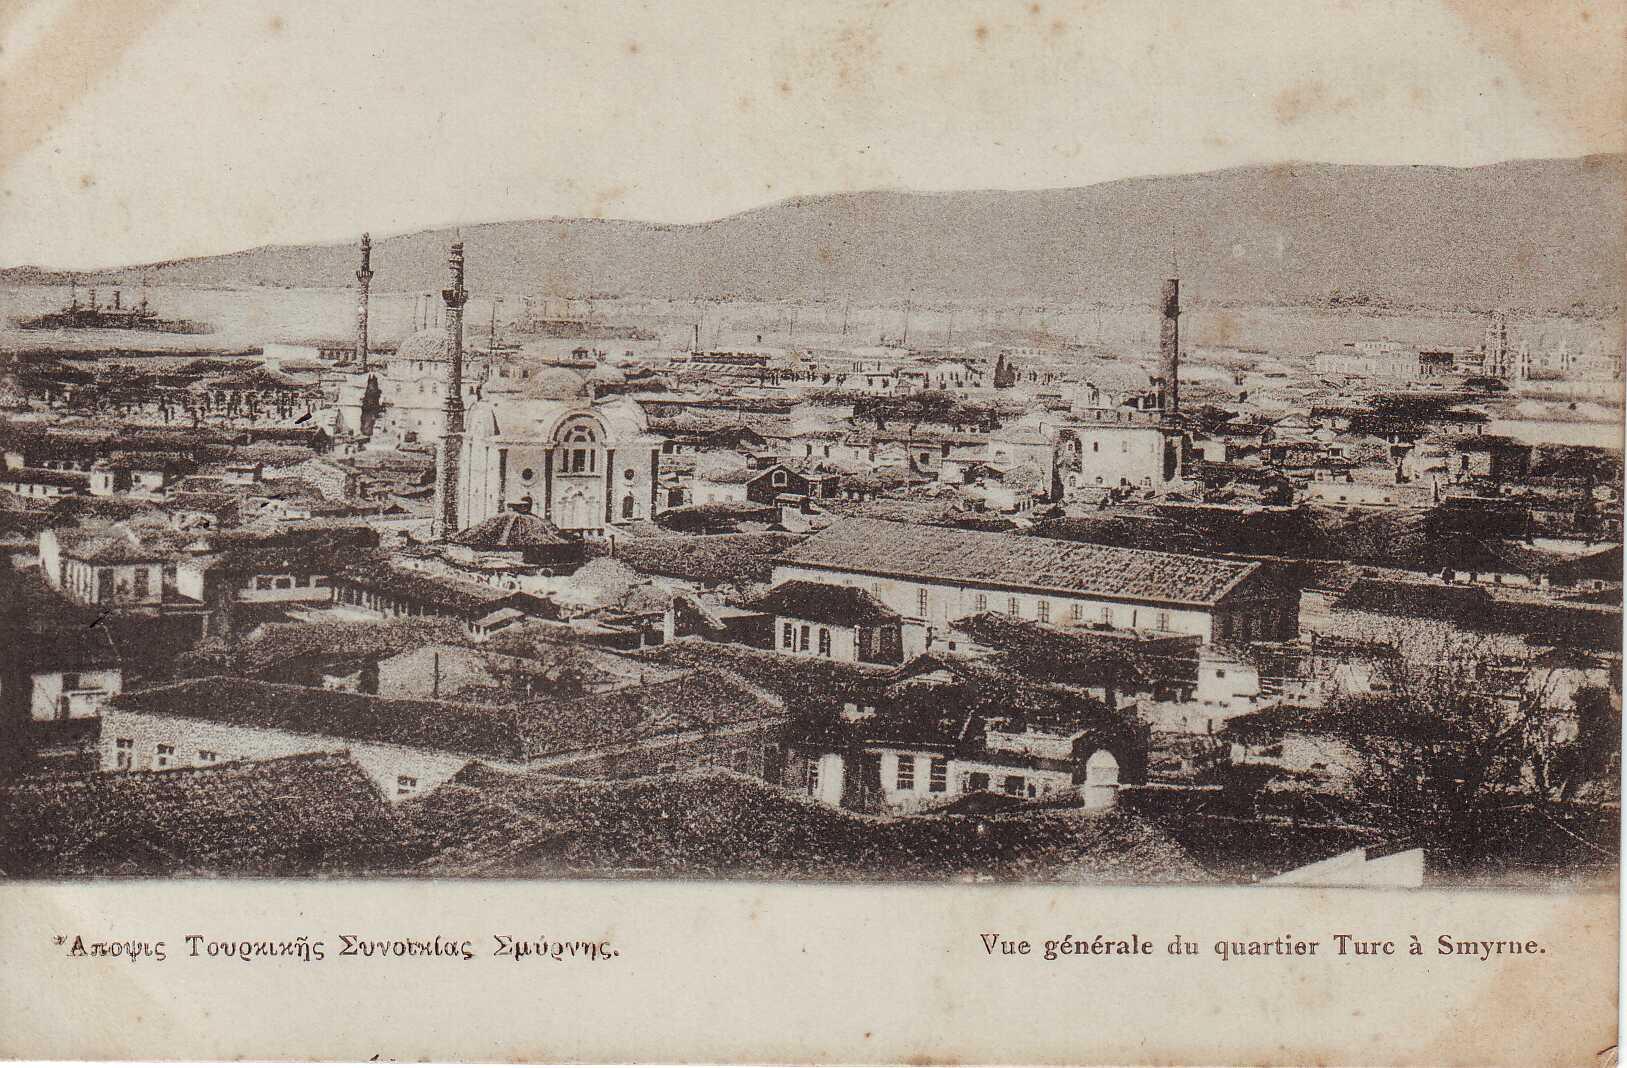 Quartier-Turc-Smyrne-Grece.jpg